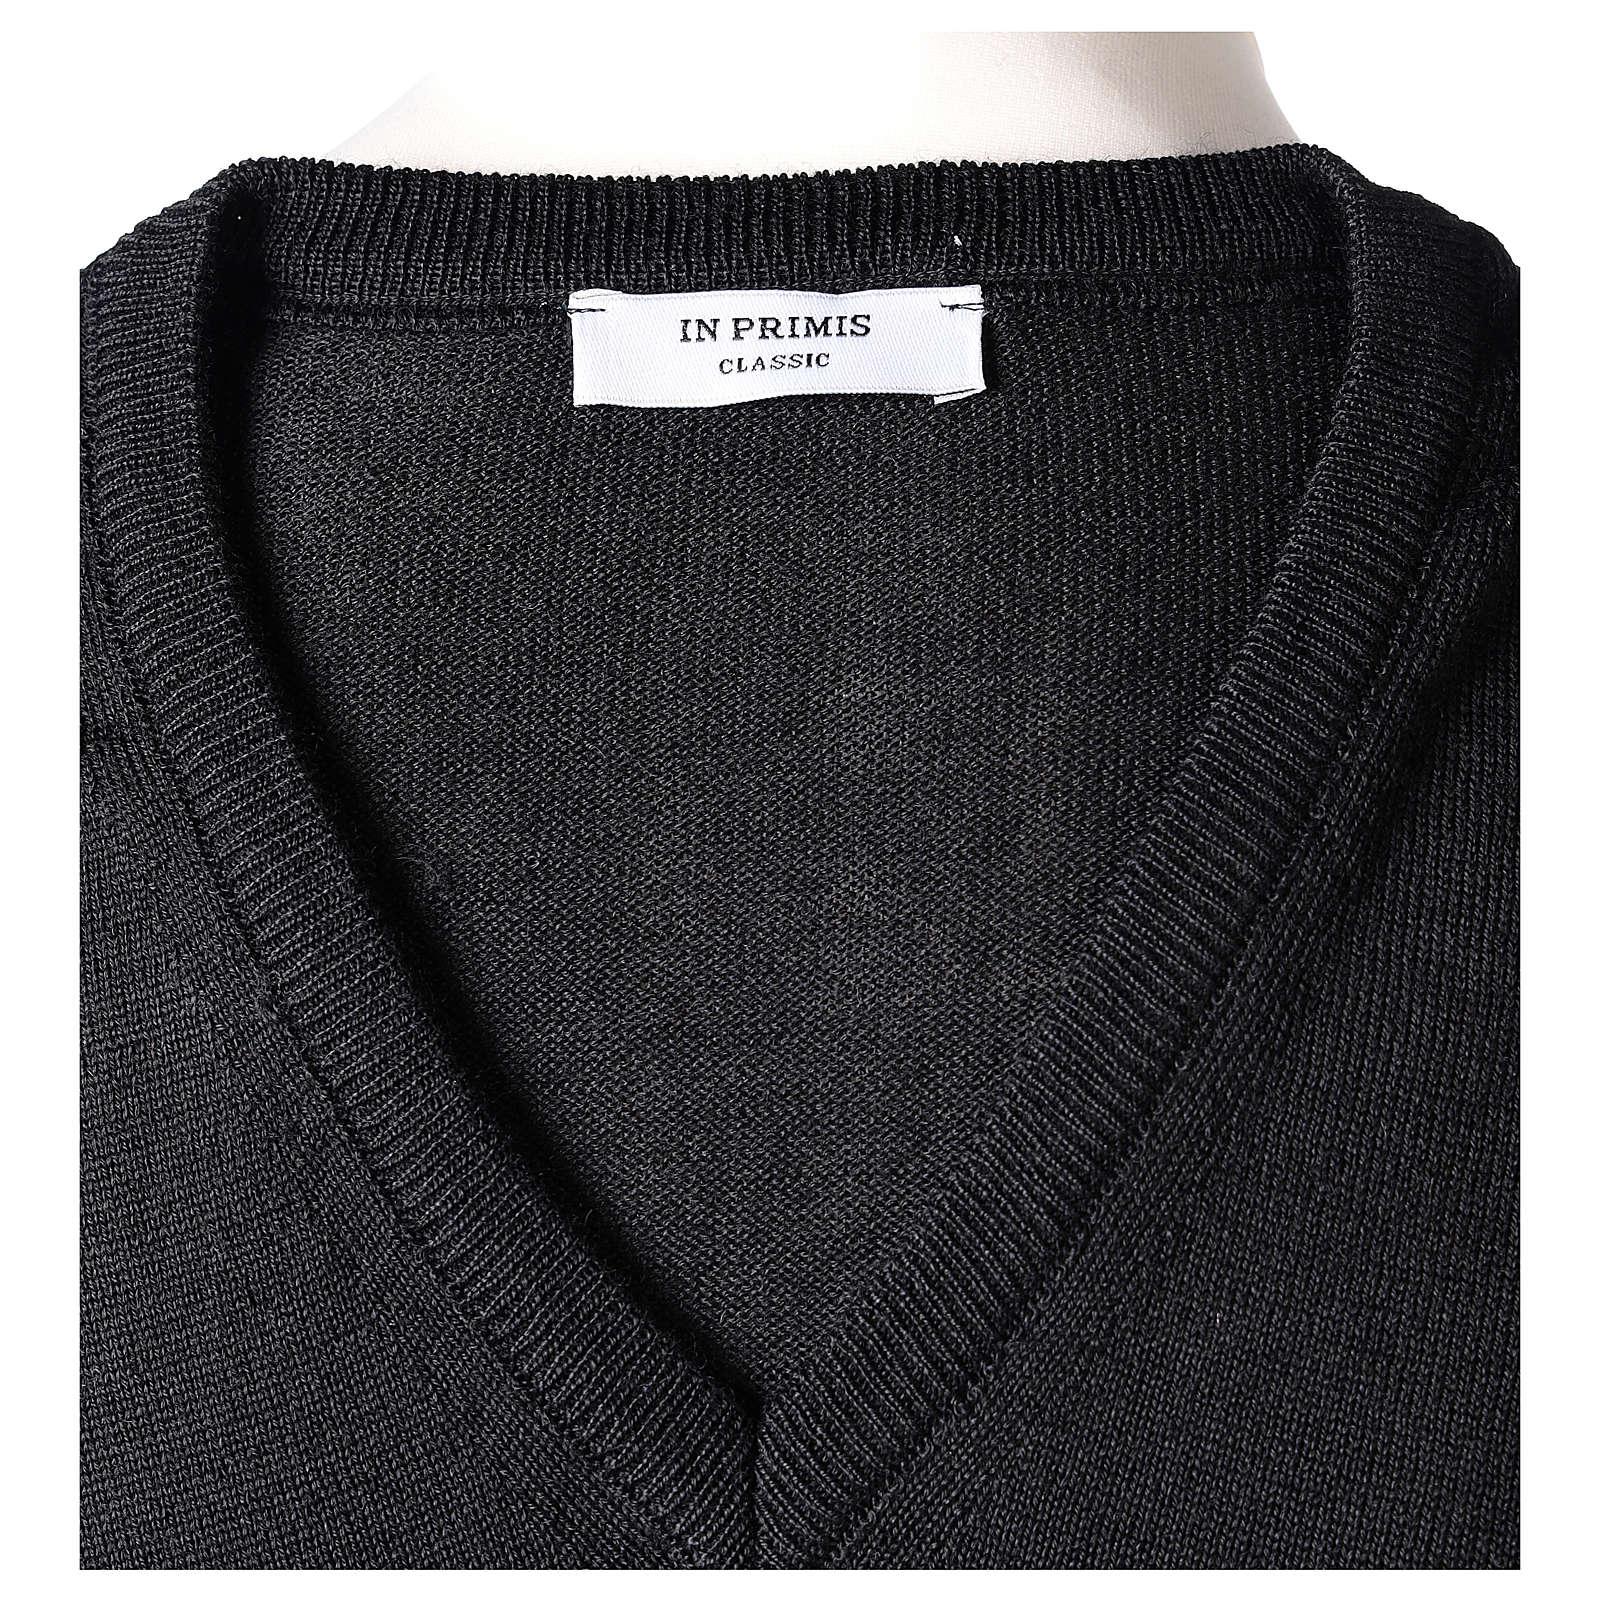 Gilet sacerdote nero chiuso maglia rasata 50% lana merino 50% acrilico In Primis 4